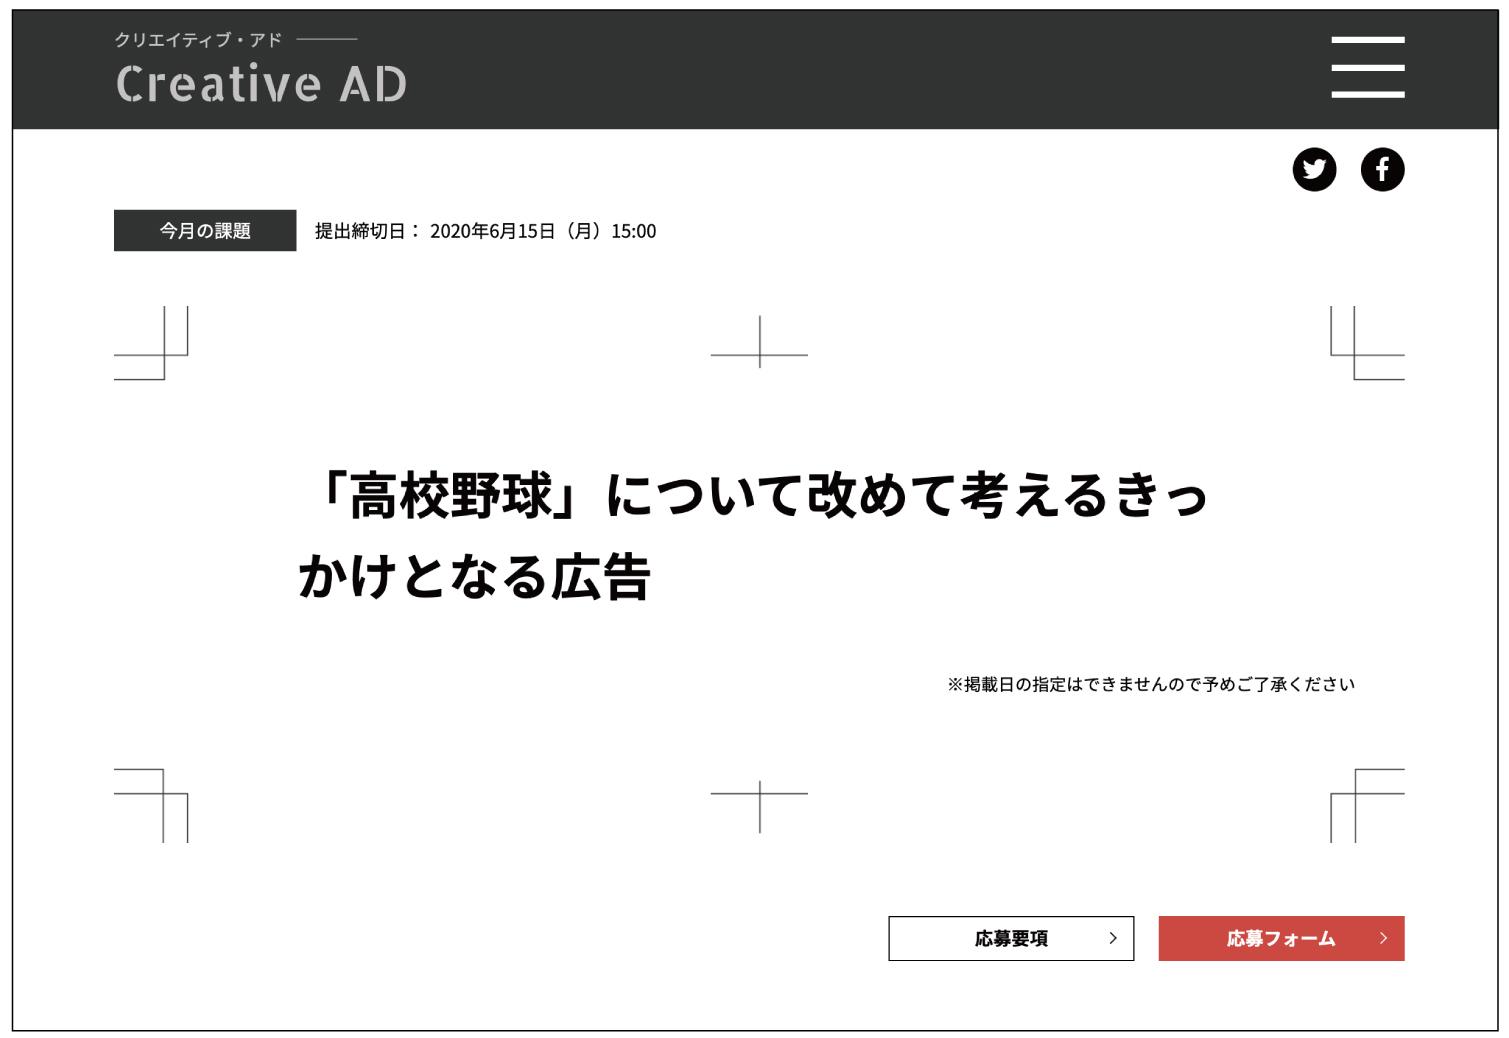 無料での新聞全頁広告掲載を懸け、奈良新聞社が毎月コンペを開催